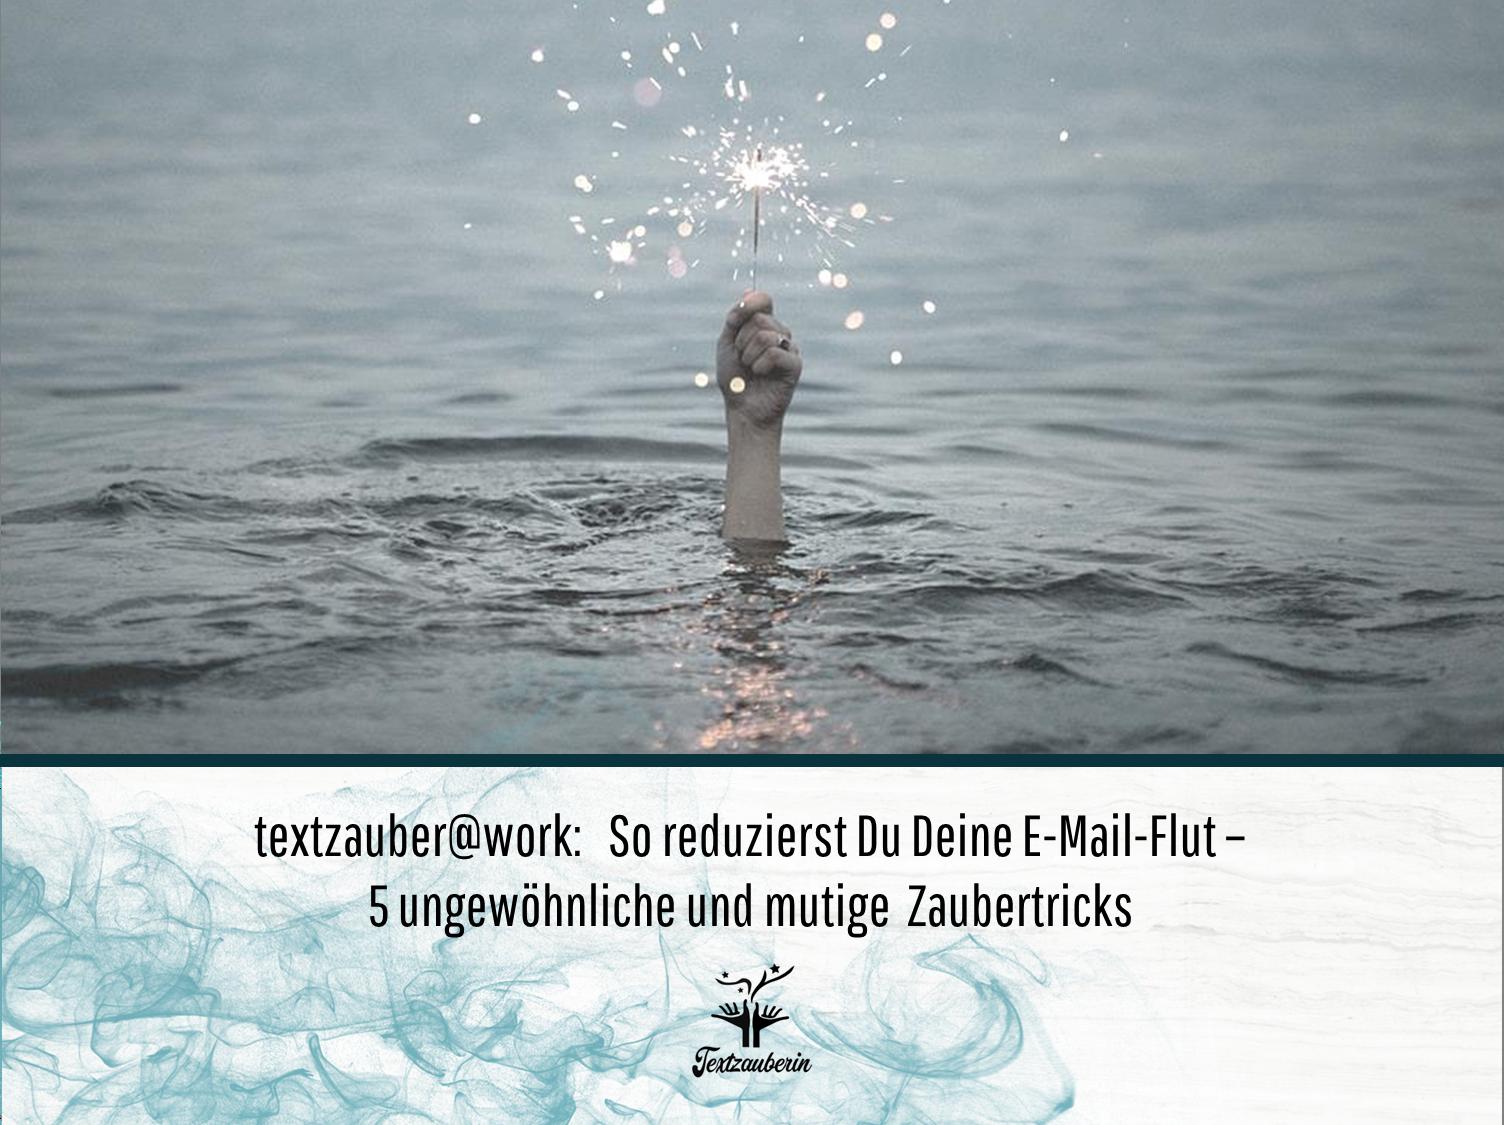 textzauber@work - 5 ungewöhnliche und mutige Zaubertricks, die Deine E-Mail-Flut reduzieren